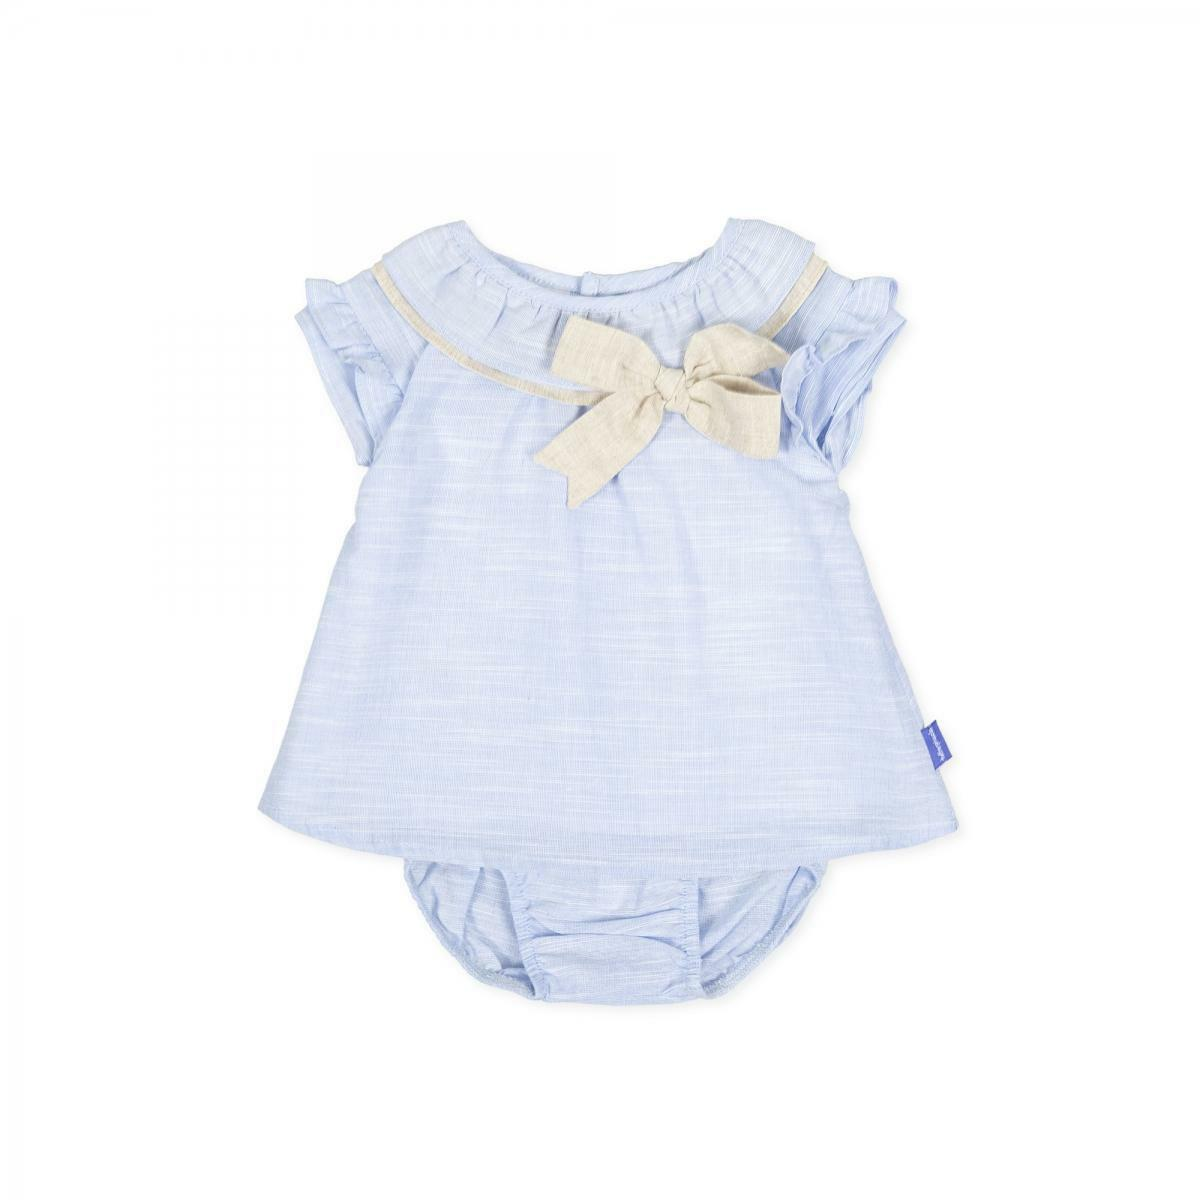 tutto piccolo tutto piccolo vestitino bambina azzurro 8210s201